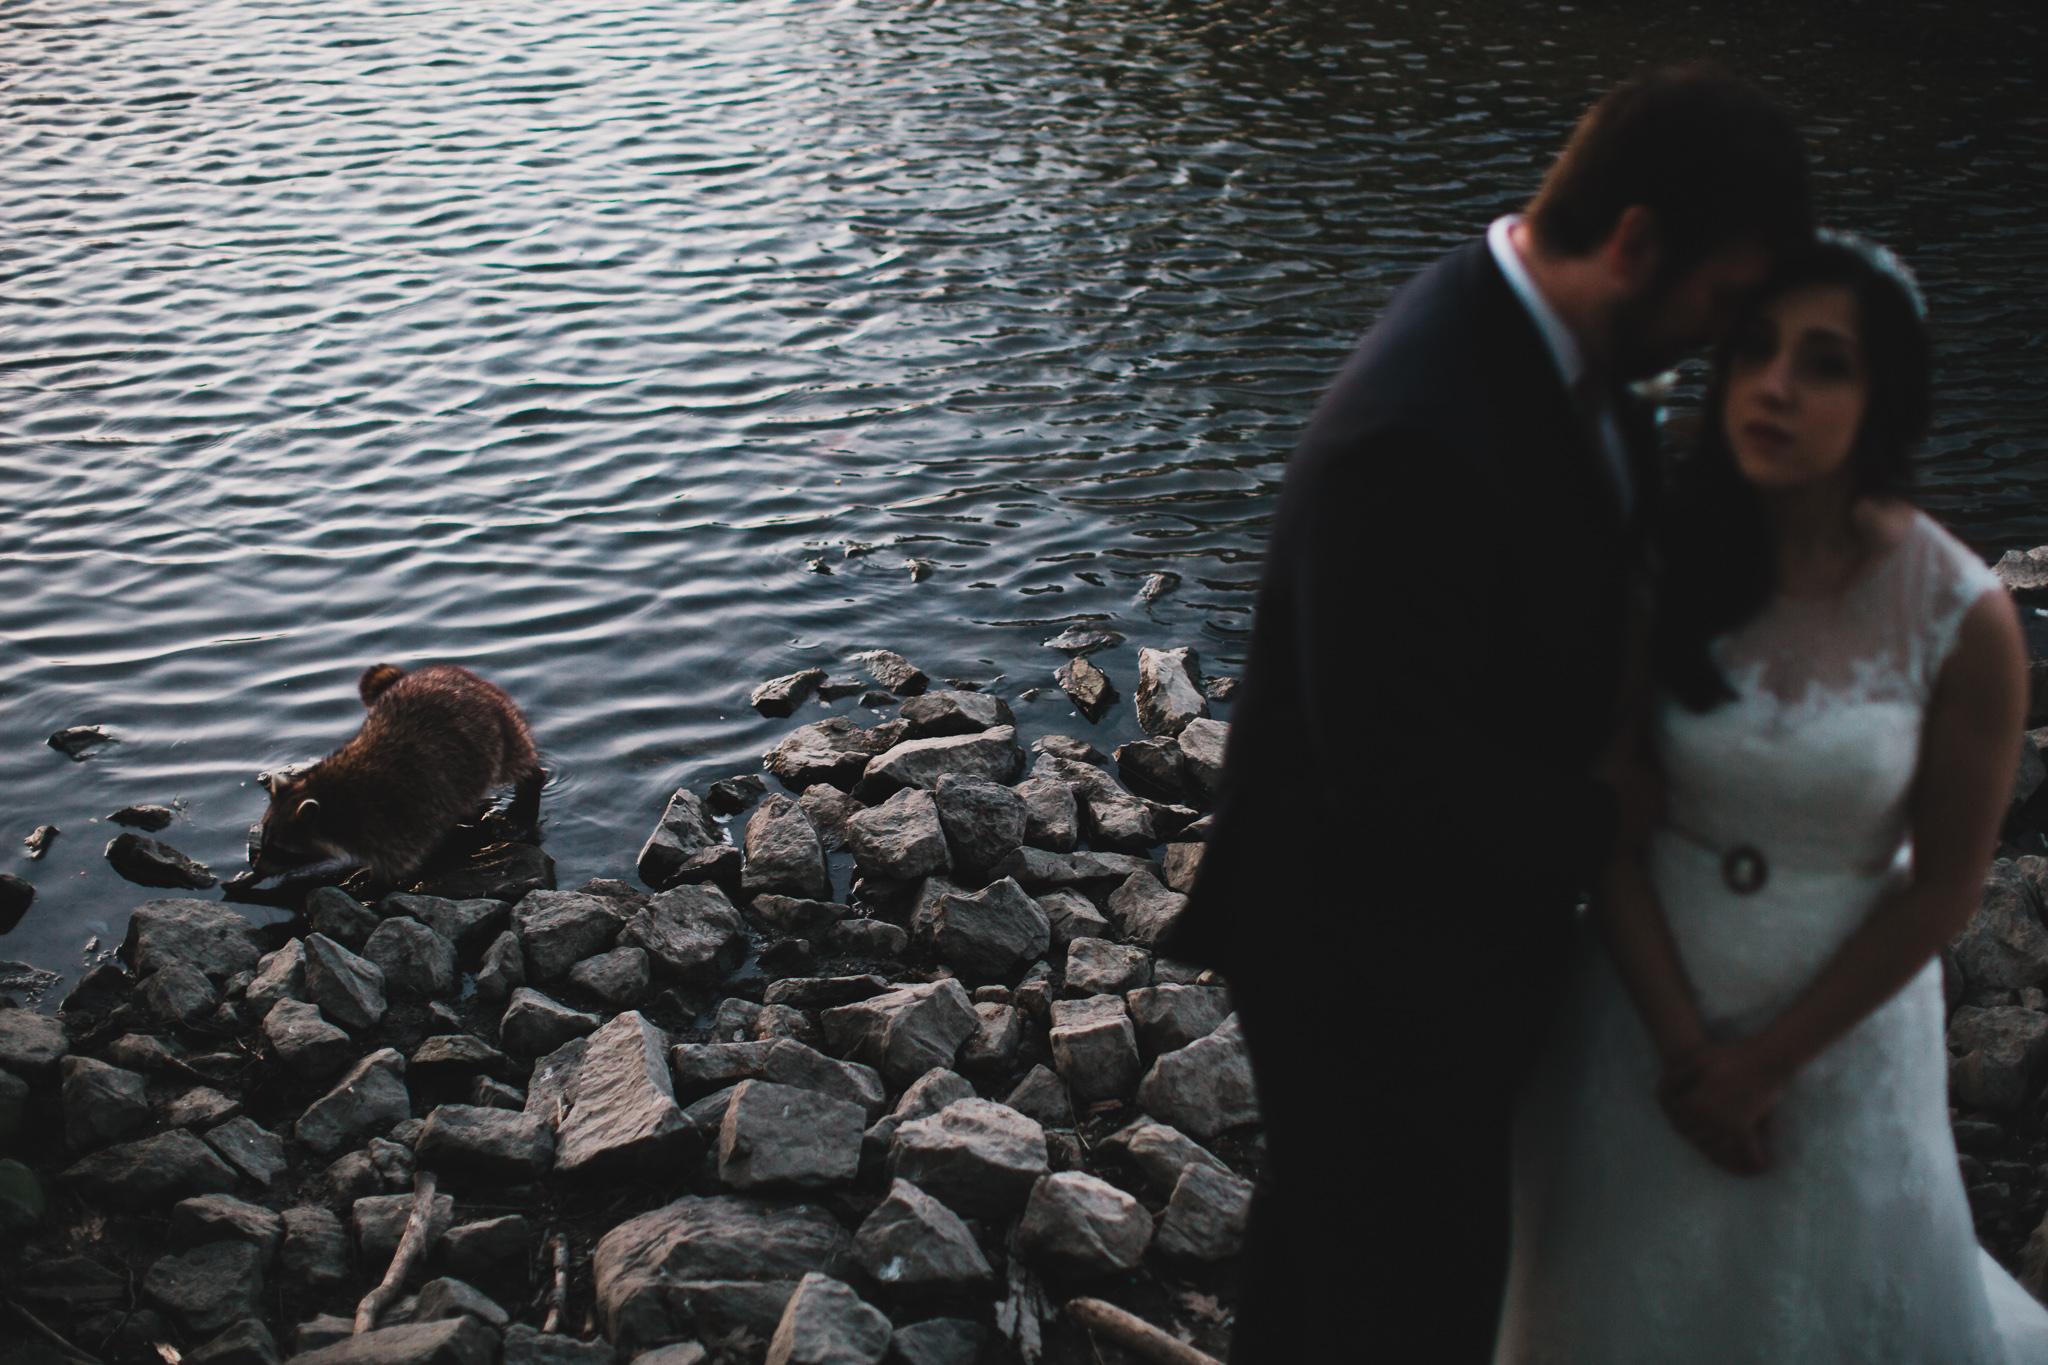 Photobombed wedding photos